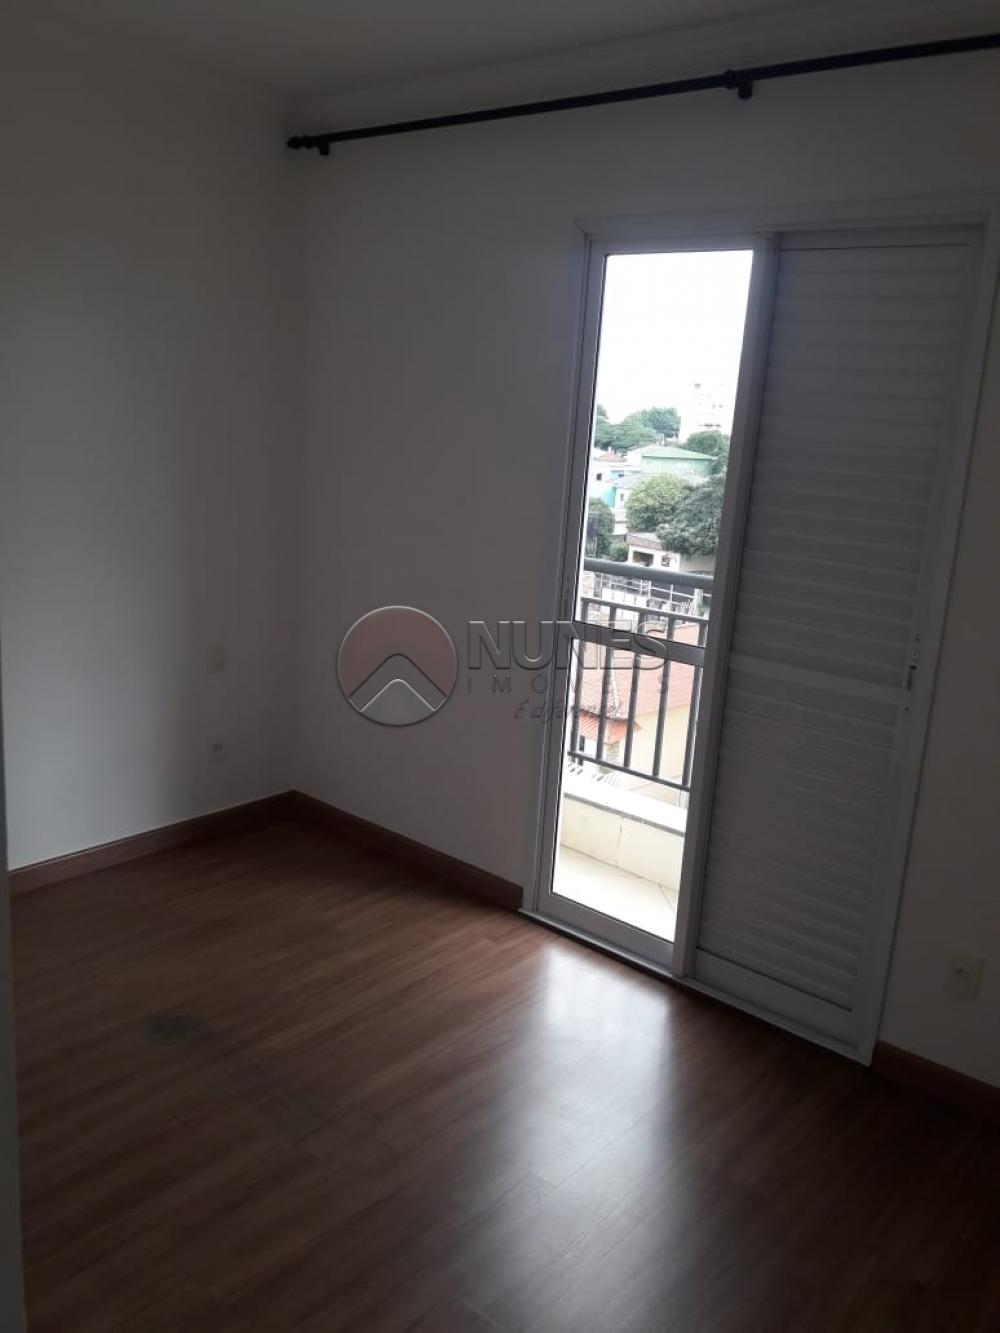 Comprar Apartamento / Padrão em Osasco apenas R$ 297.000,00 - Foto 5